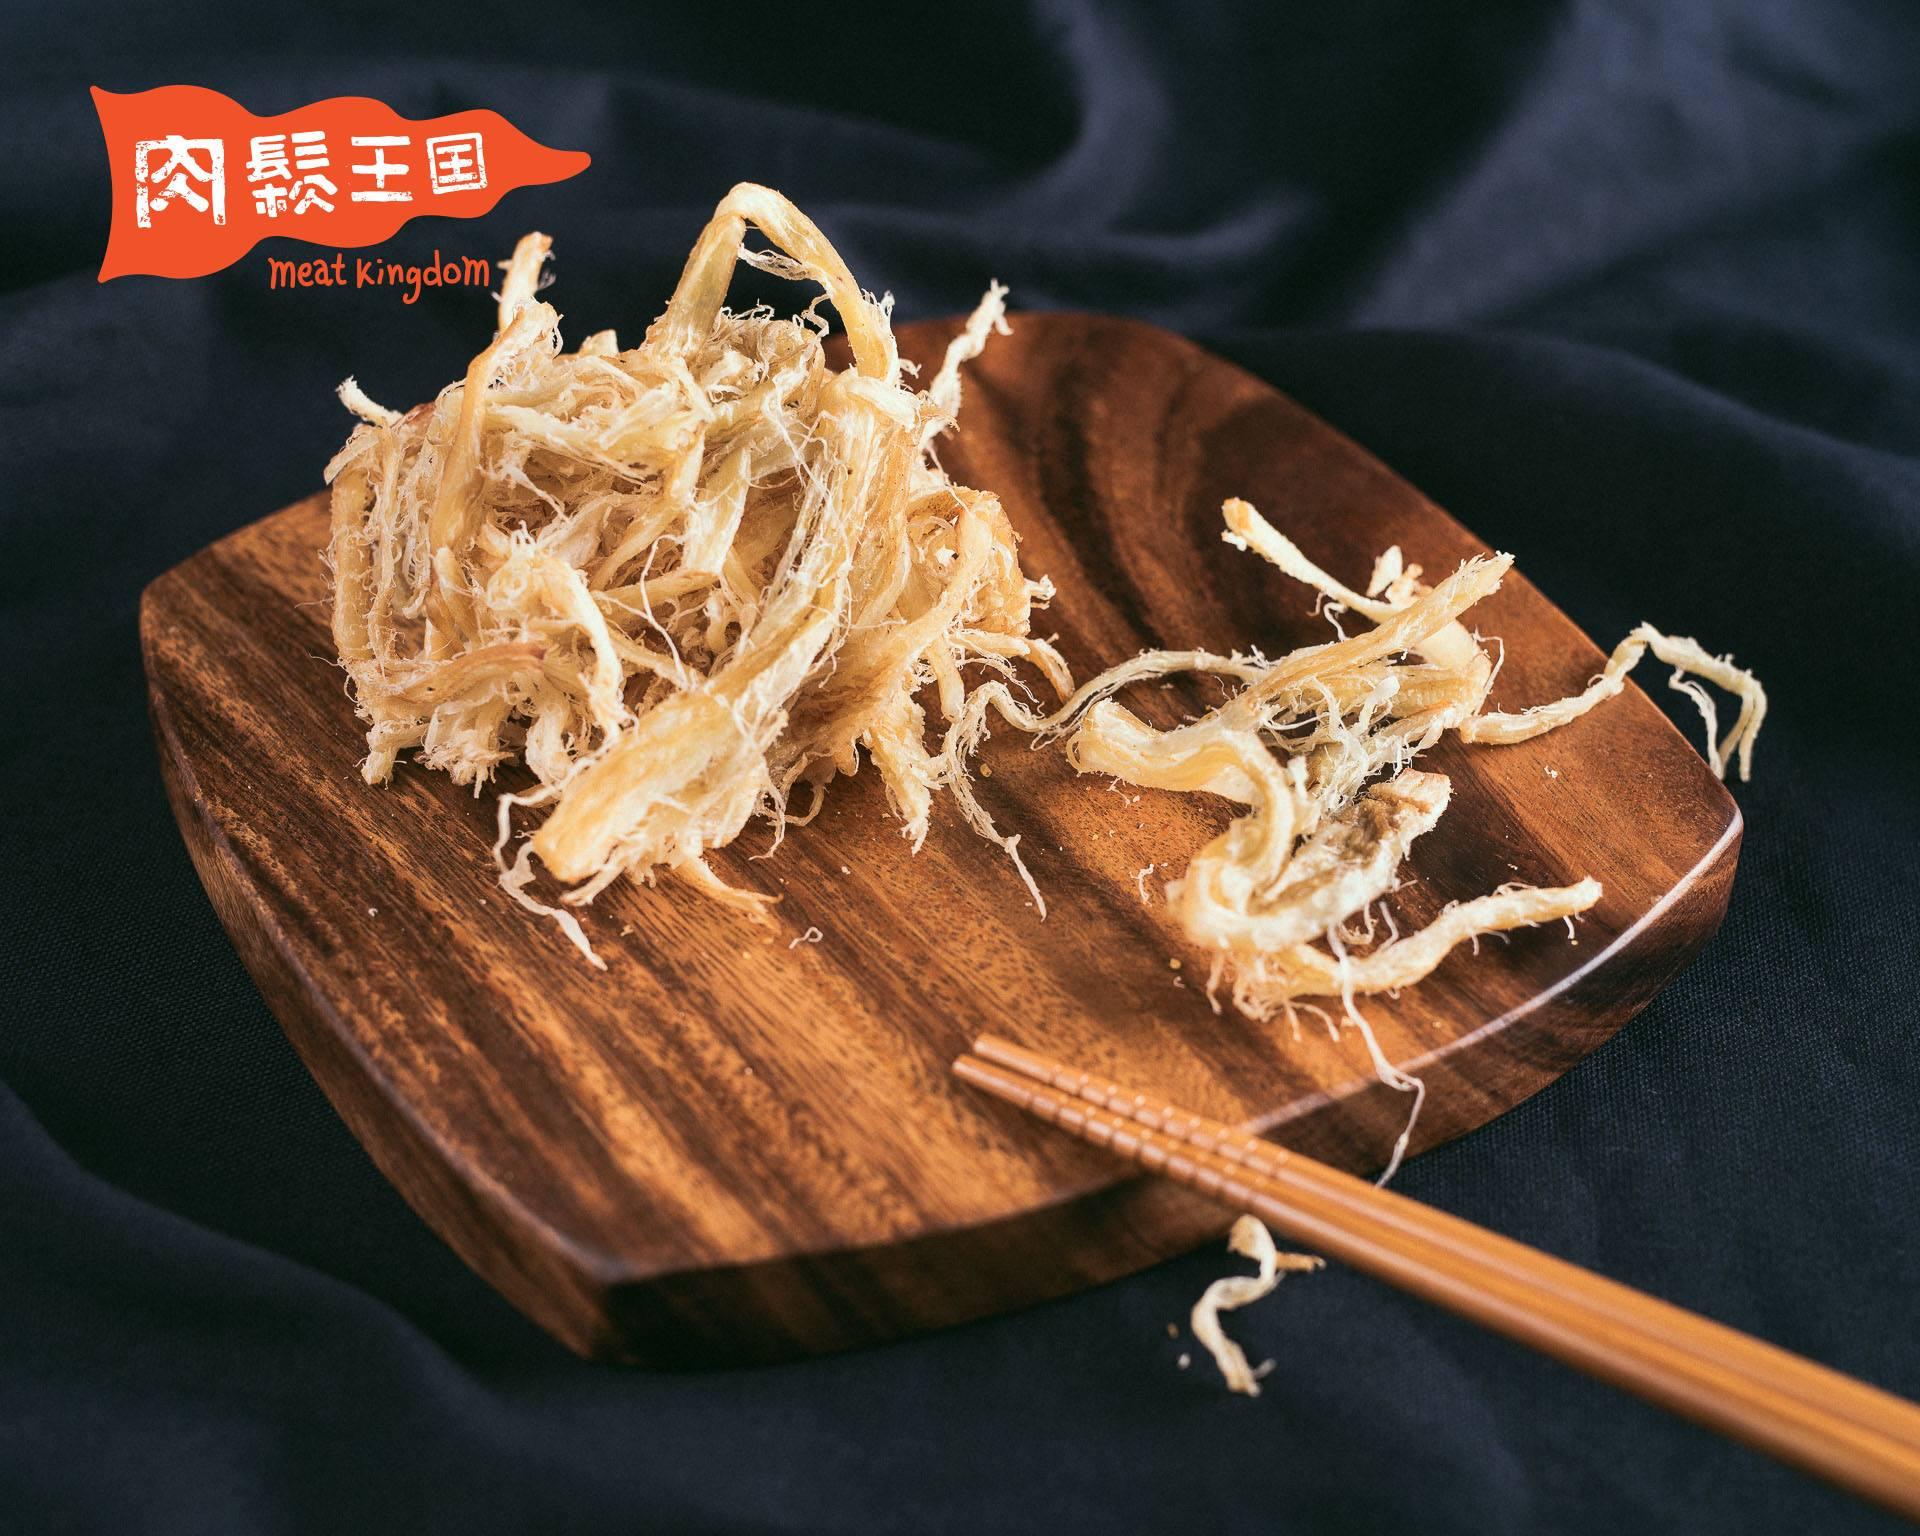 肉鬆王國 『碳烤魷魚絲』☞碳烤多一味☞國王放鬆包 75g±10g